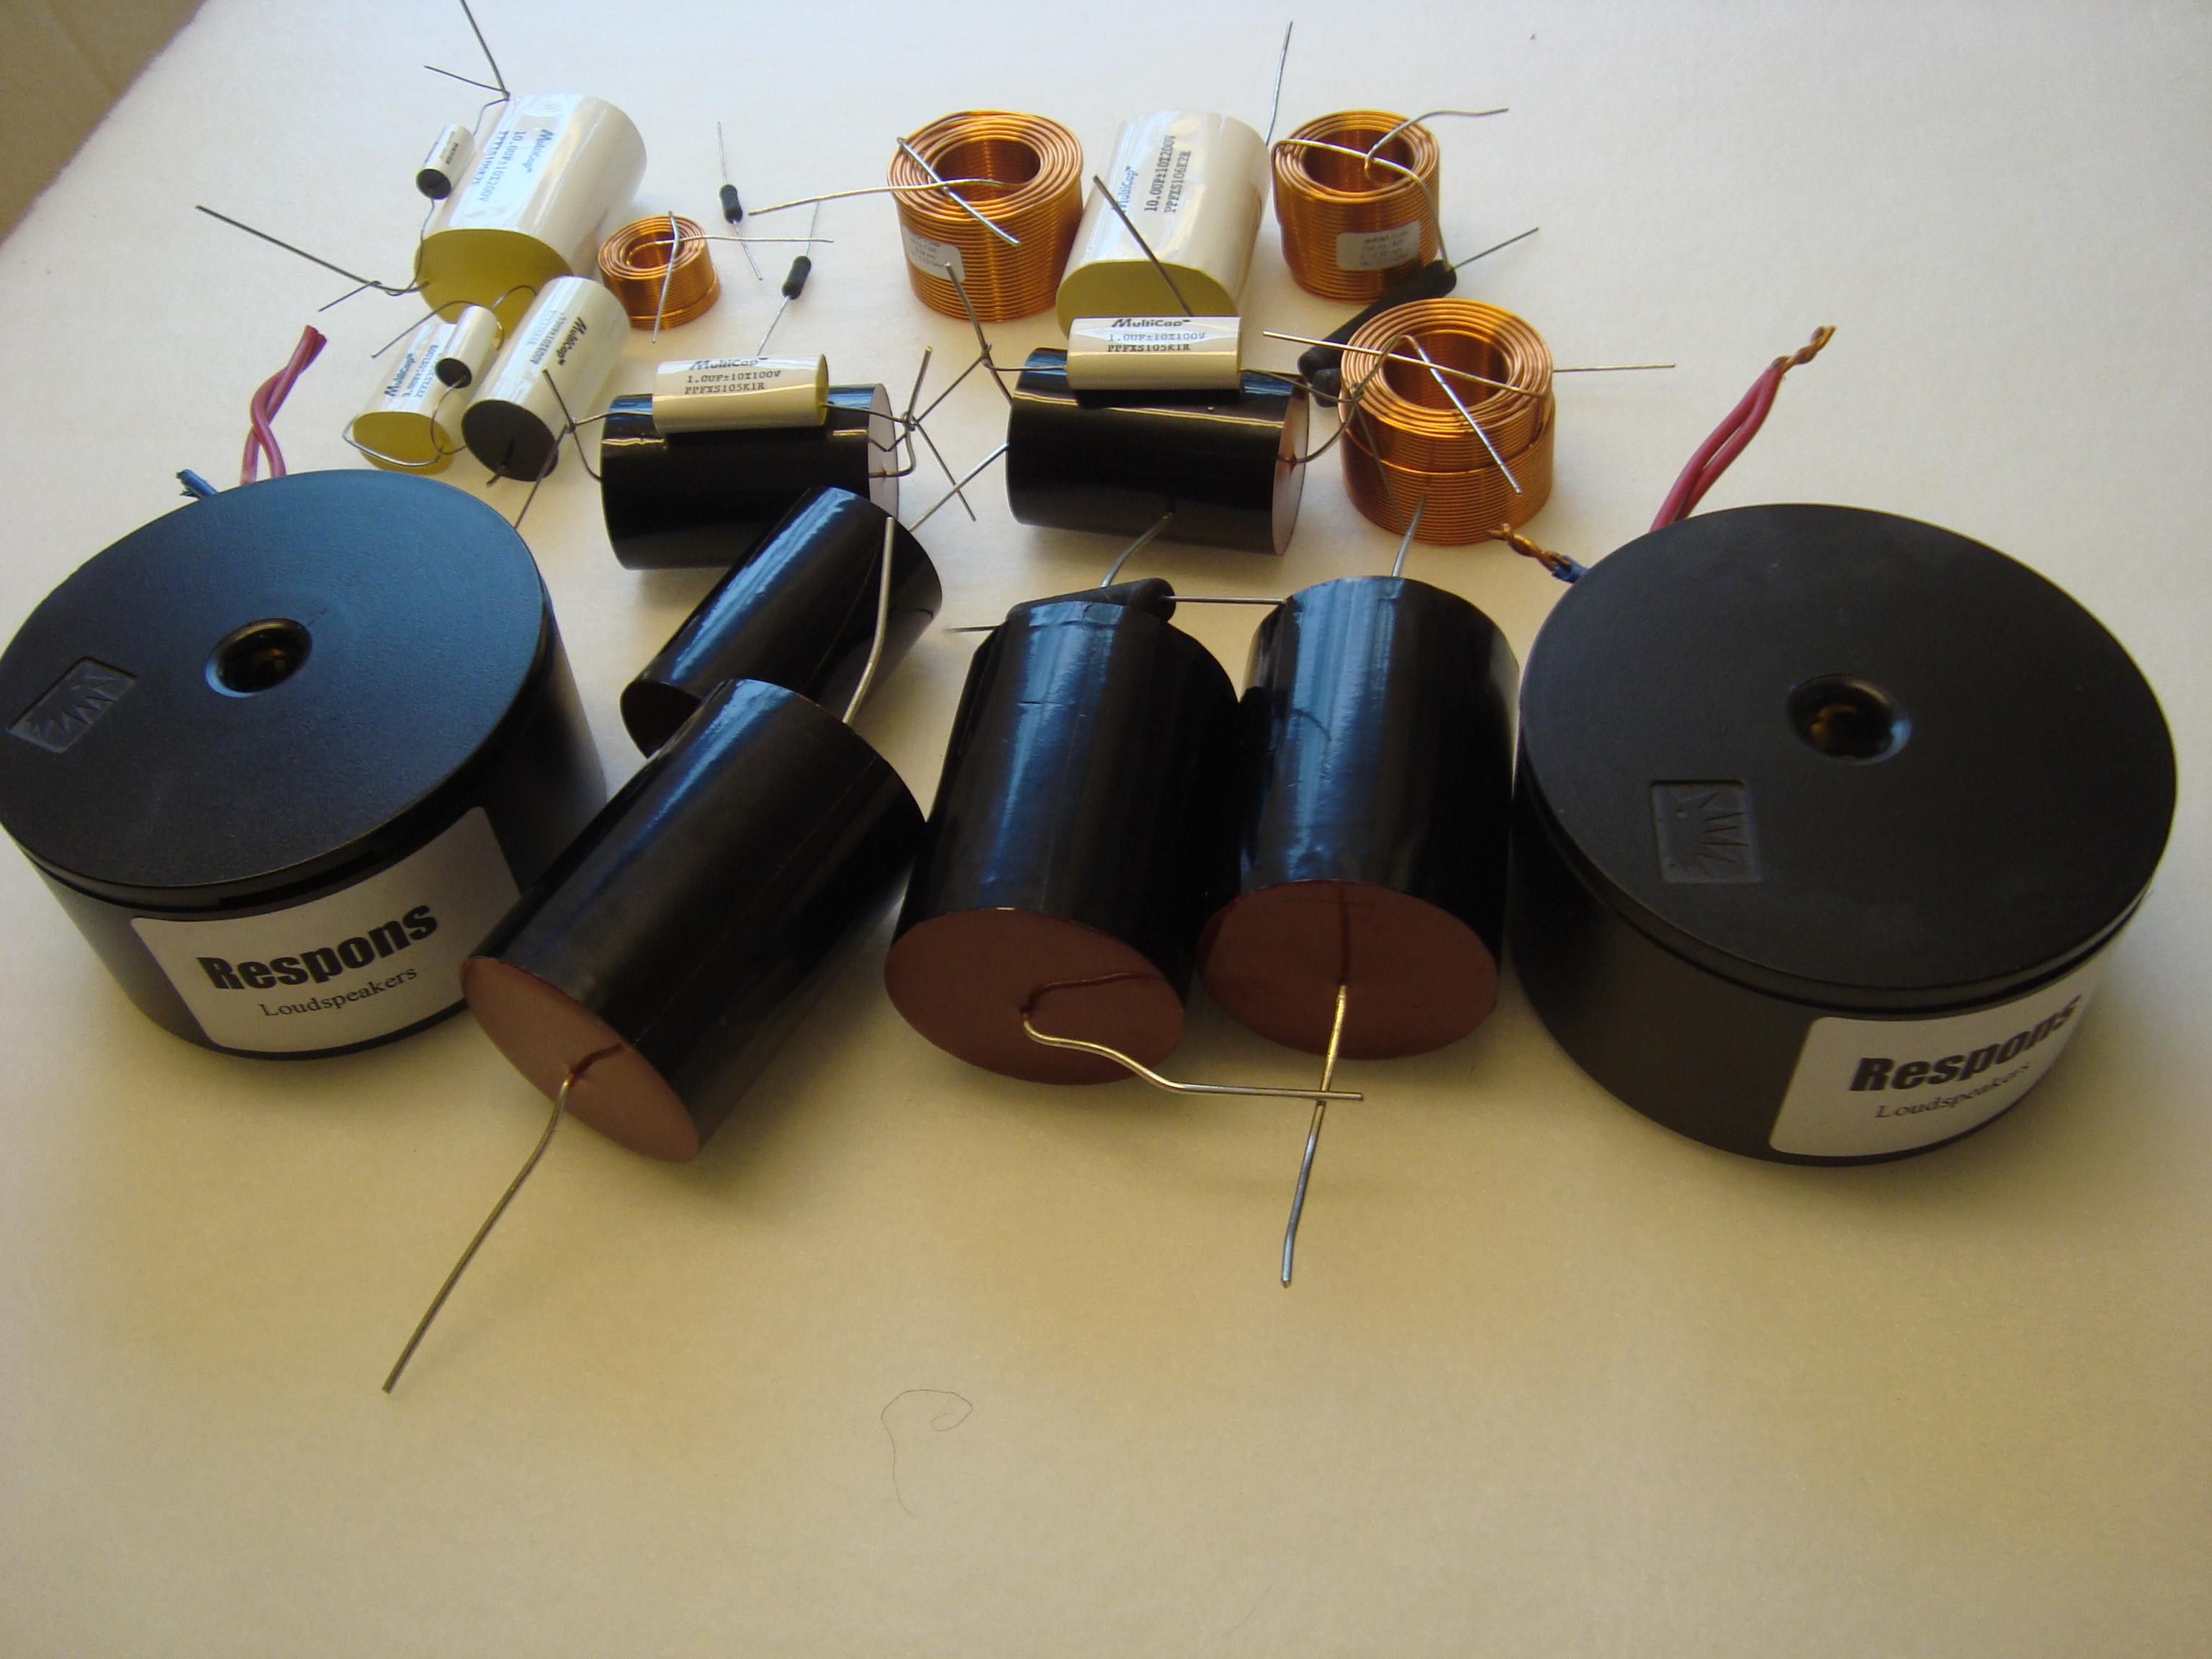 Kvalitets komponenter i delefilter